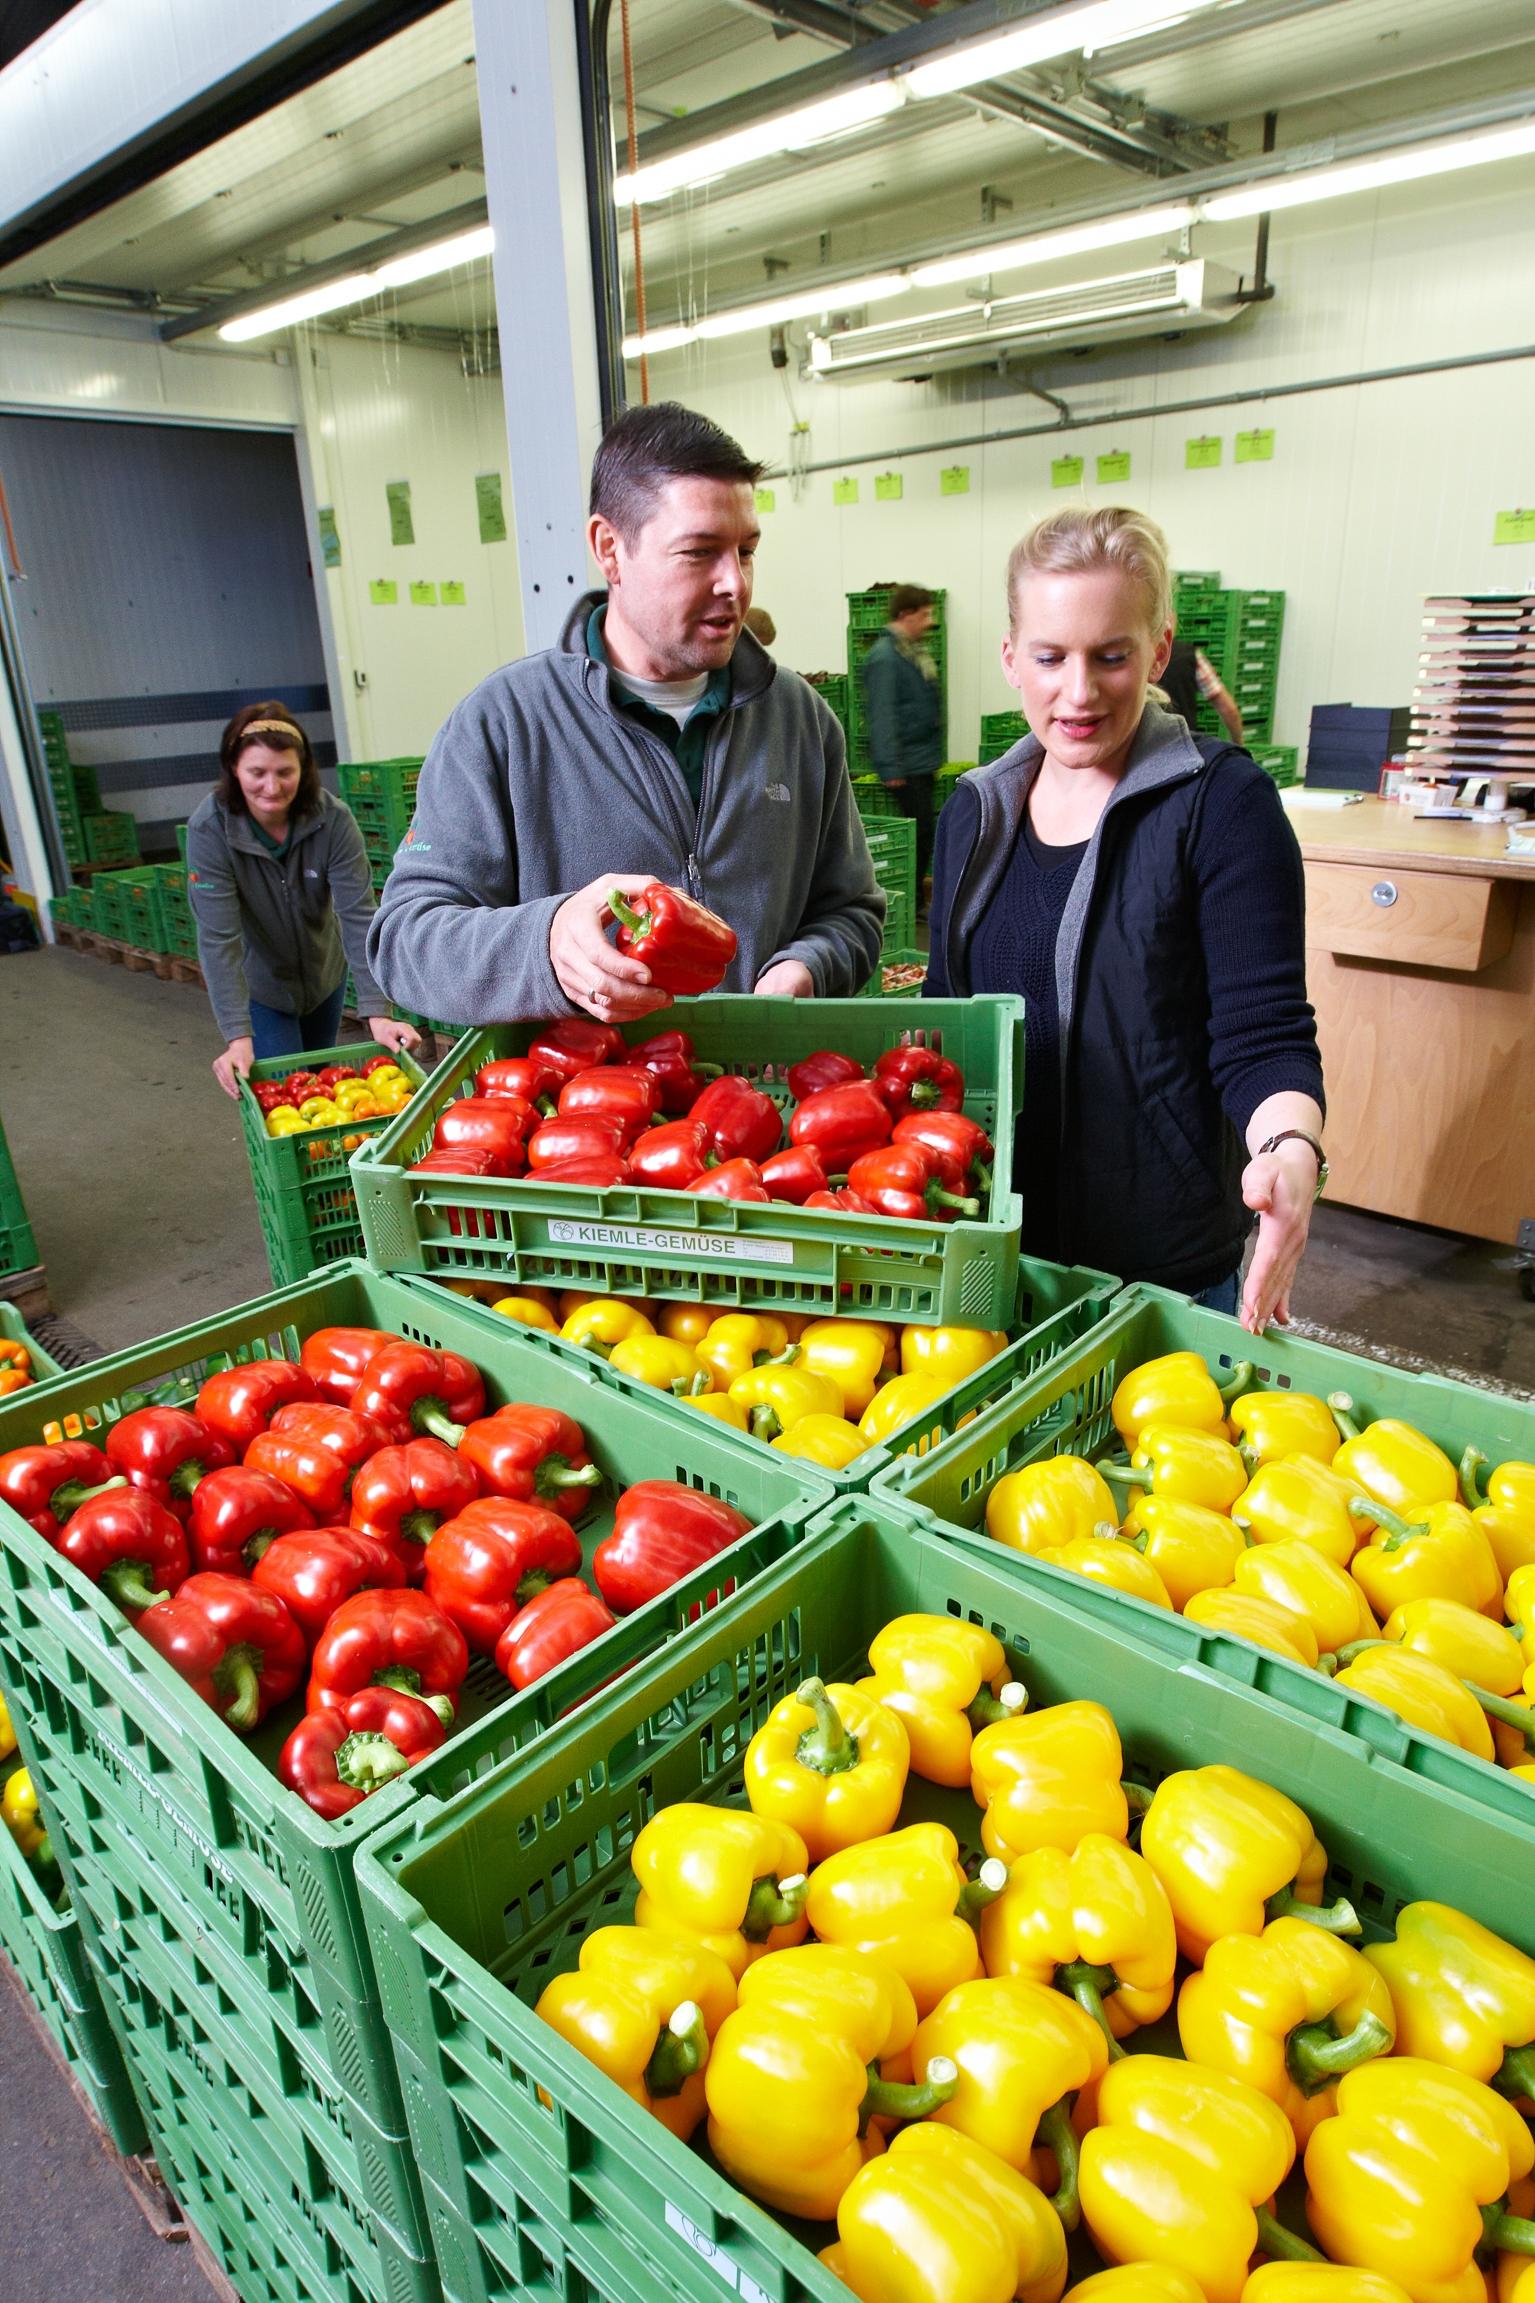 Wohlschmeckendes Gemüse aus der Region